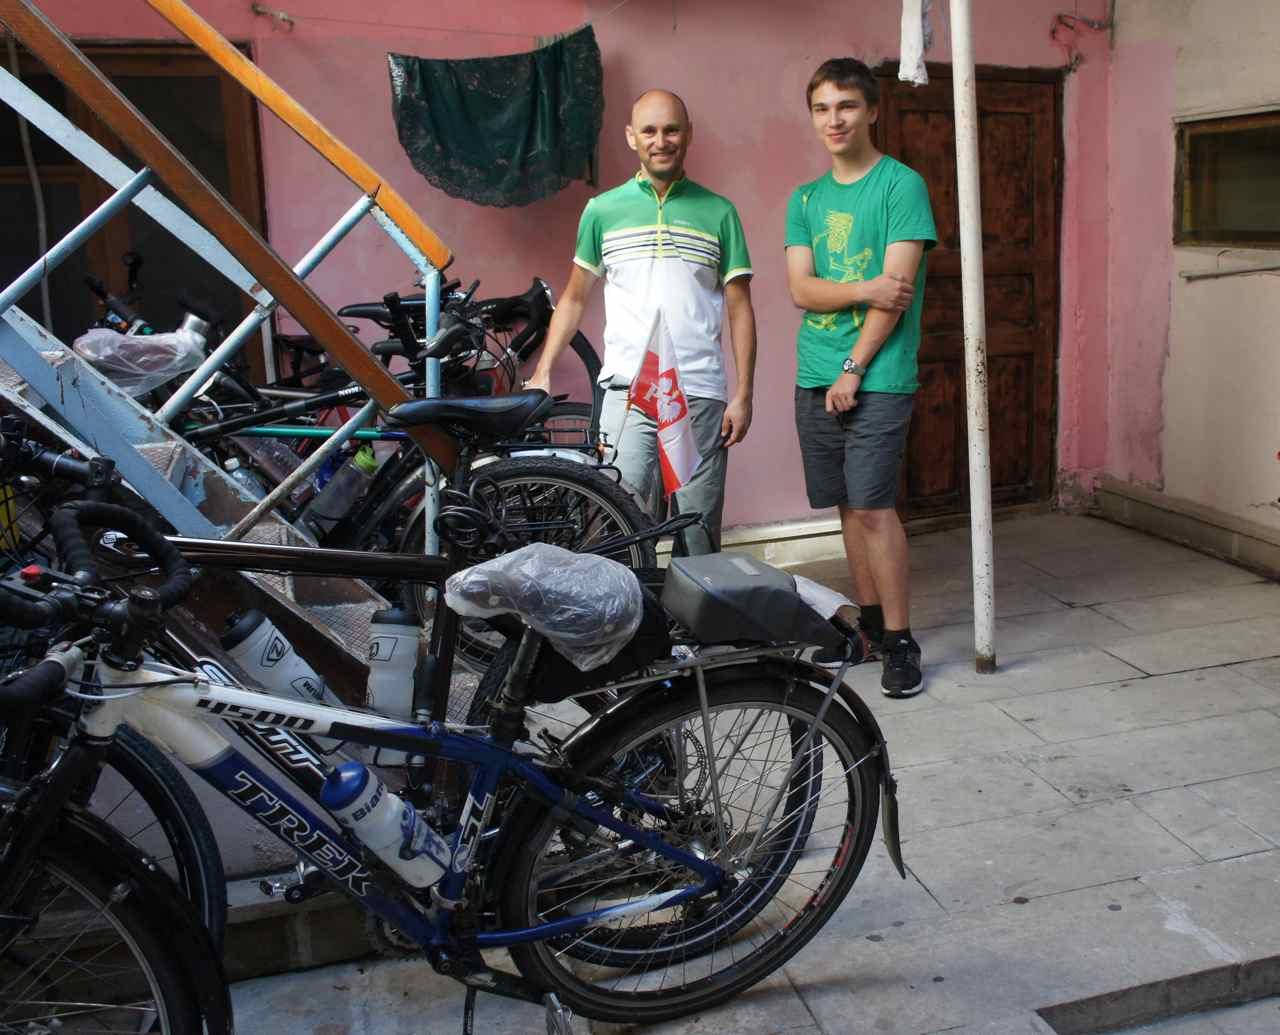 หนุ่มน้อยฮีโร่ของเรา ช่วยตั้งแต่เรื่องจักรยานจนกระทั่งเราขึ้นเรือออกจากบาคุ